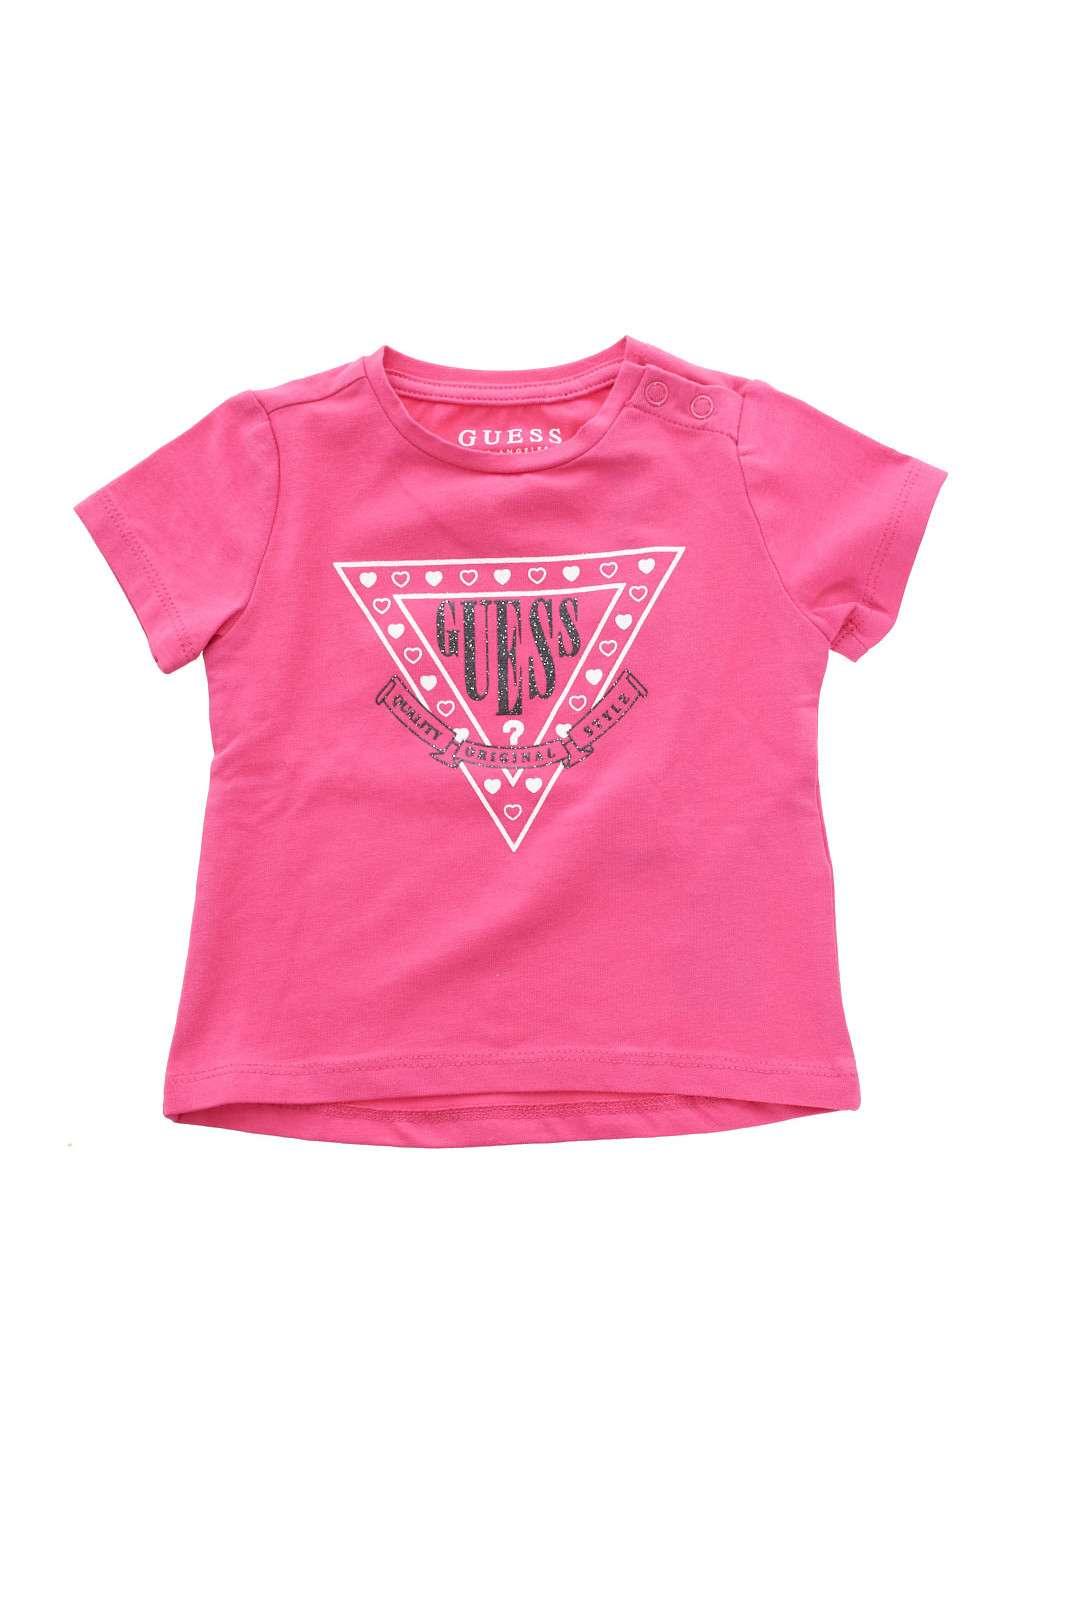 Una t shirt elegante e delicata quella firmata Guess bambina.  La stampa con il logo, è abbellita con dei glitter, per la gioia delle bambine,  rendendo ogni look più glamour.